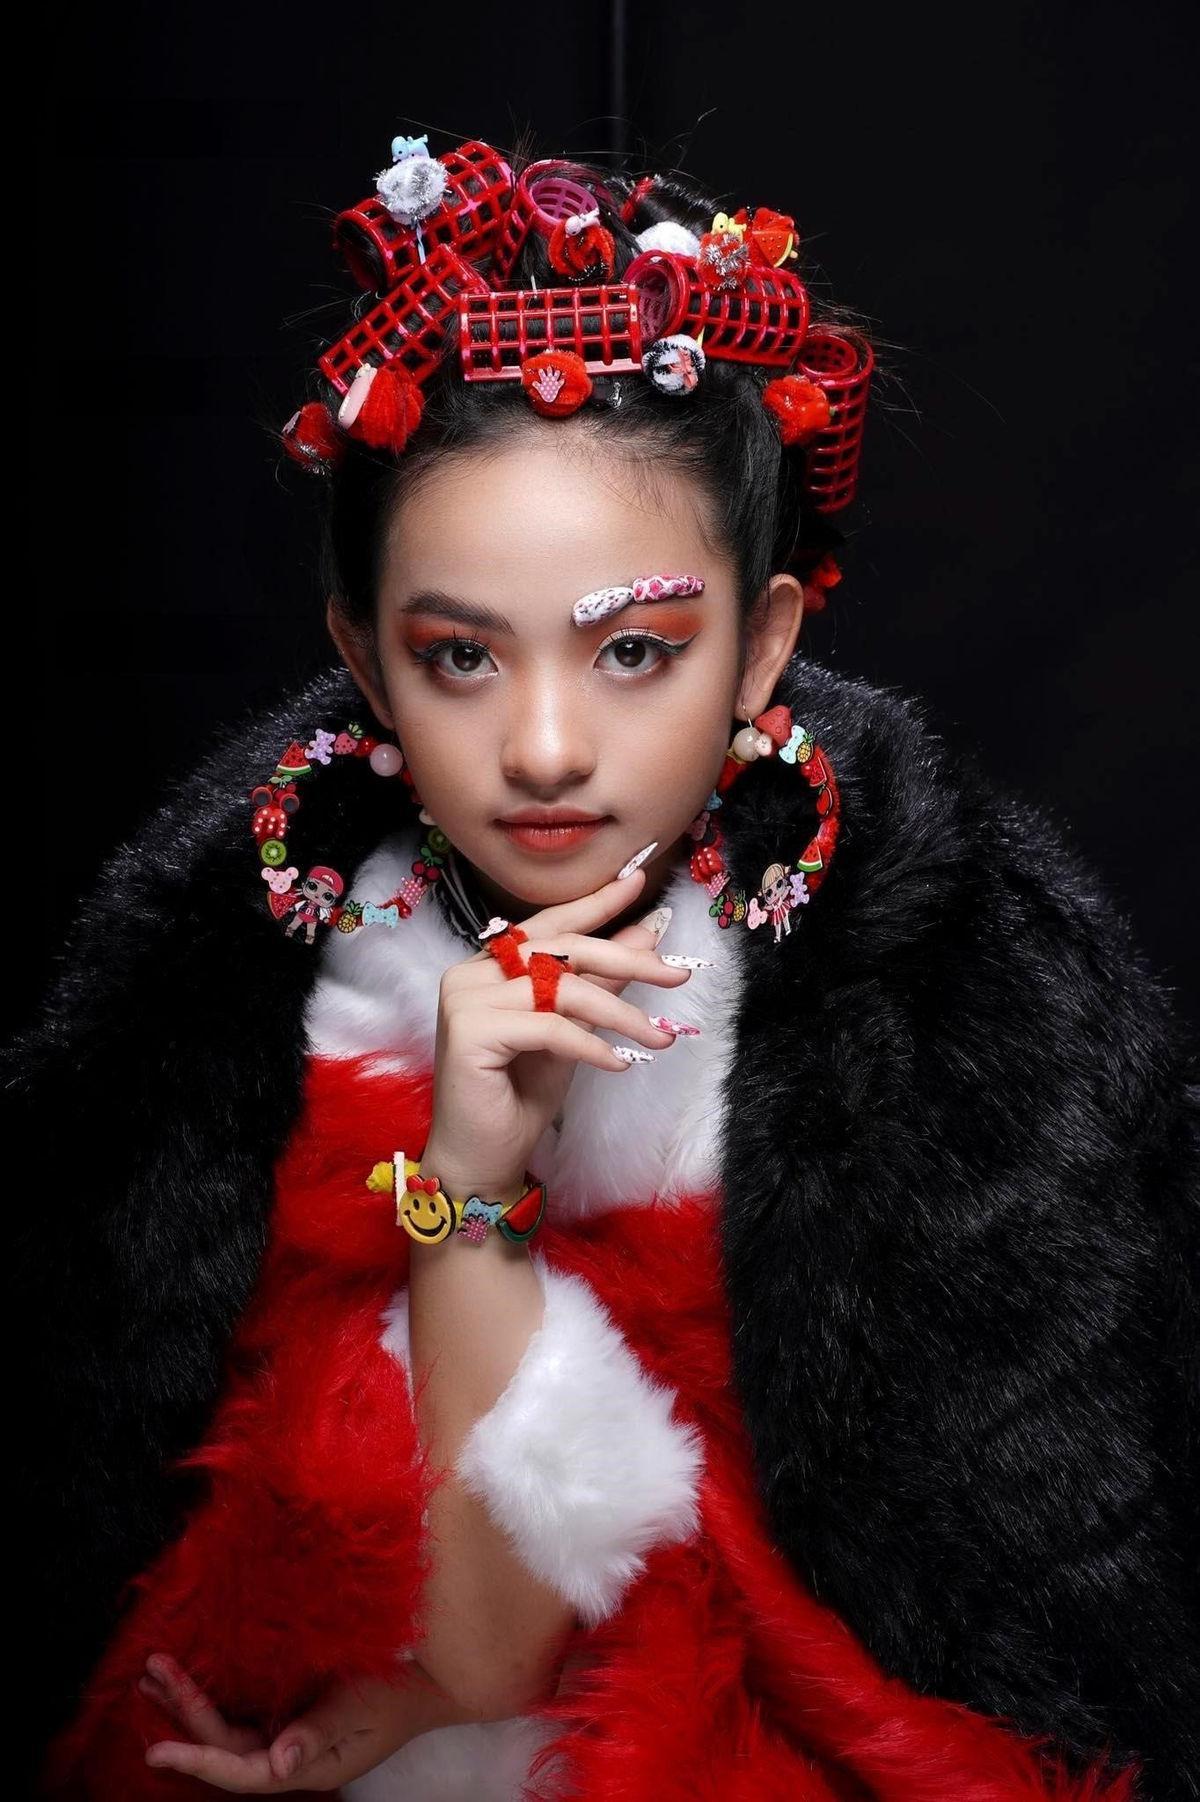 Mẫu nhí Nguyễn Ngọc Khánh Phương khoe thần thái 'đỉnh cao' trong bộ ảnh mới Ảnh 4